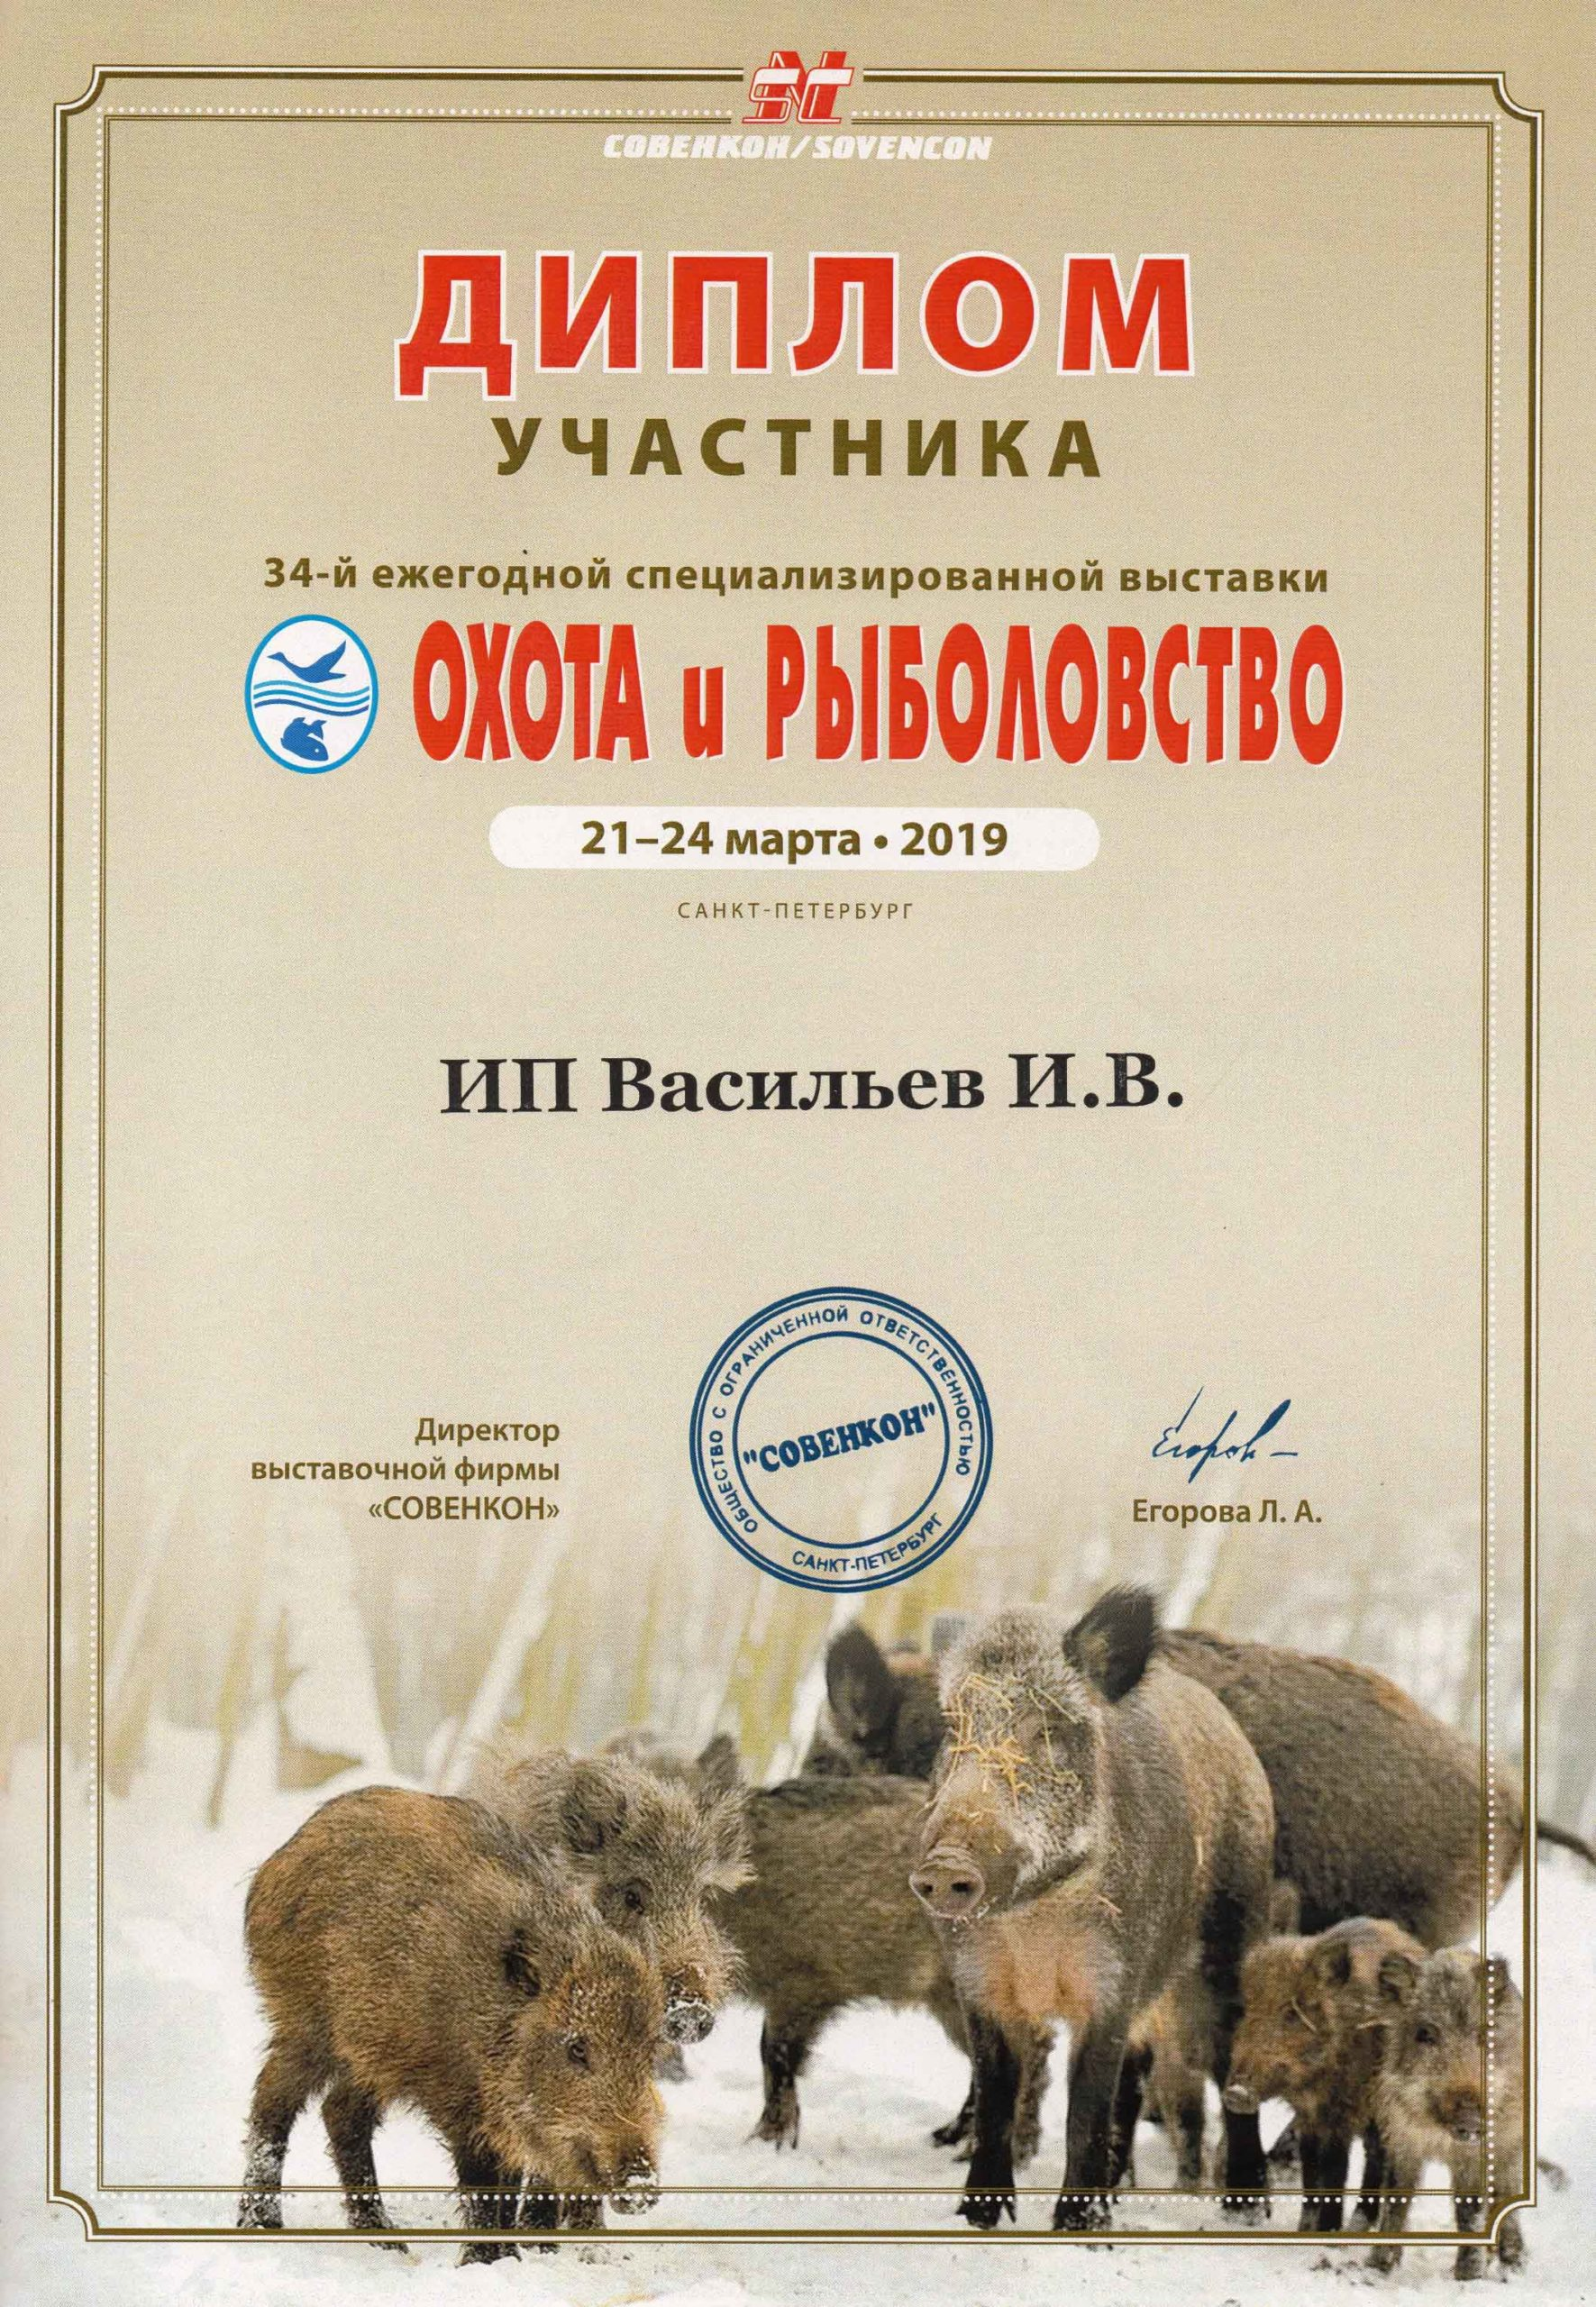 diplom ohota i rybolovstvo mart 2019 tochilka zhuk